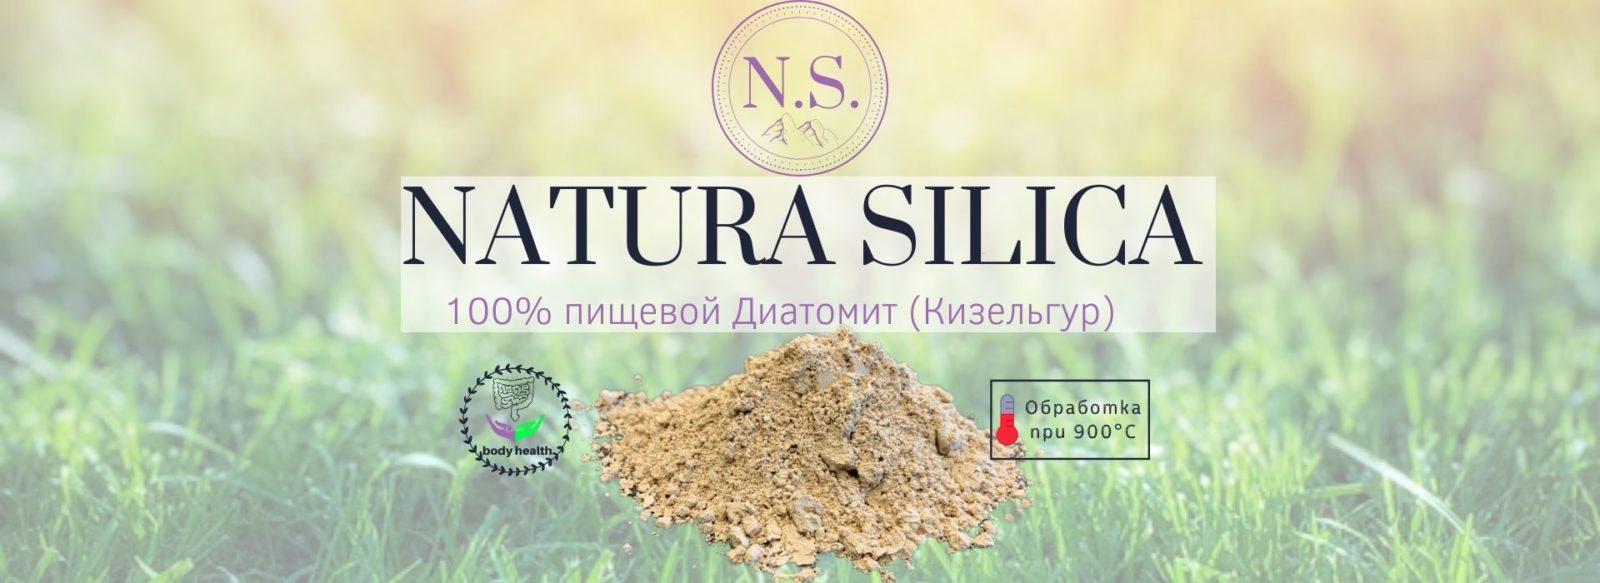 Диатомит пищевой Natura Silica — 590 руб.